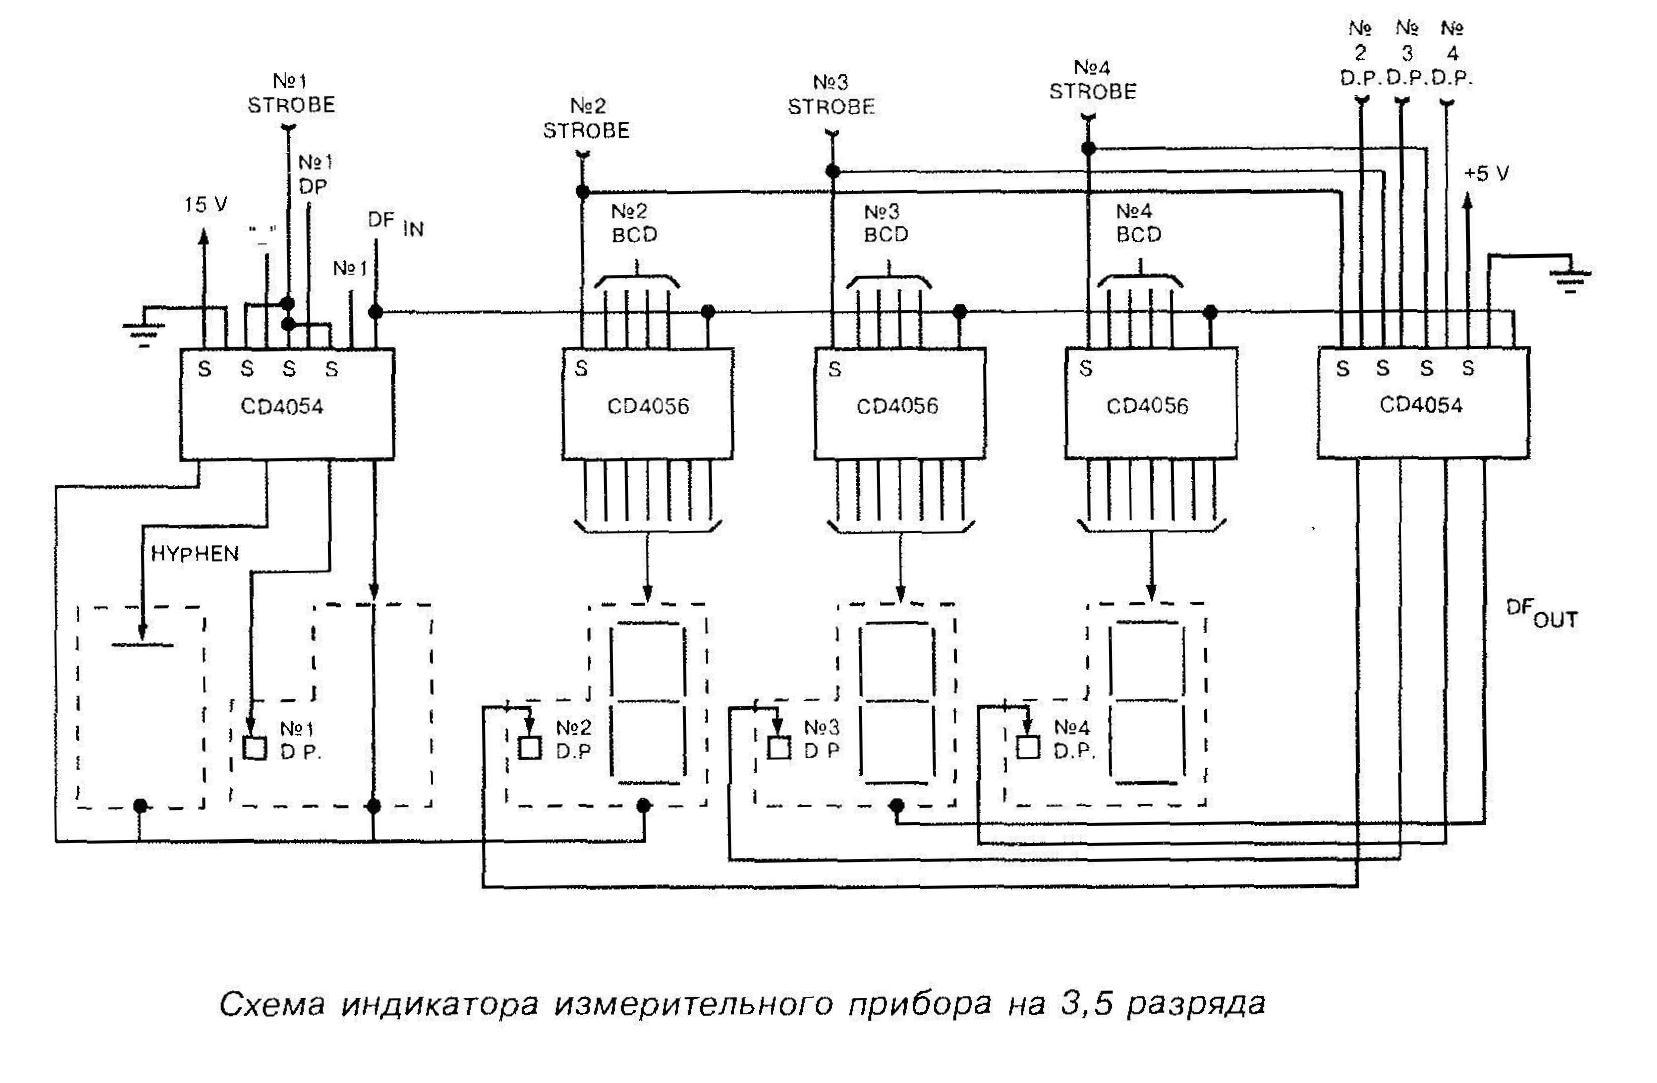 Схема индикатора измерительного прибора на 3,5 разряда